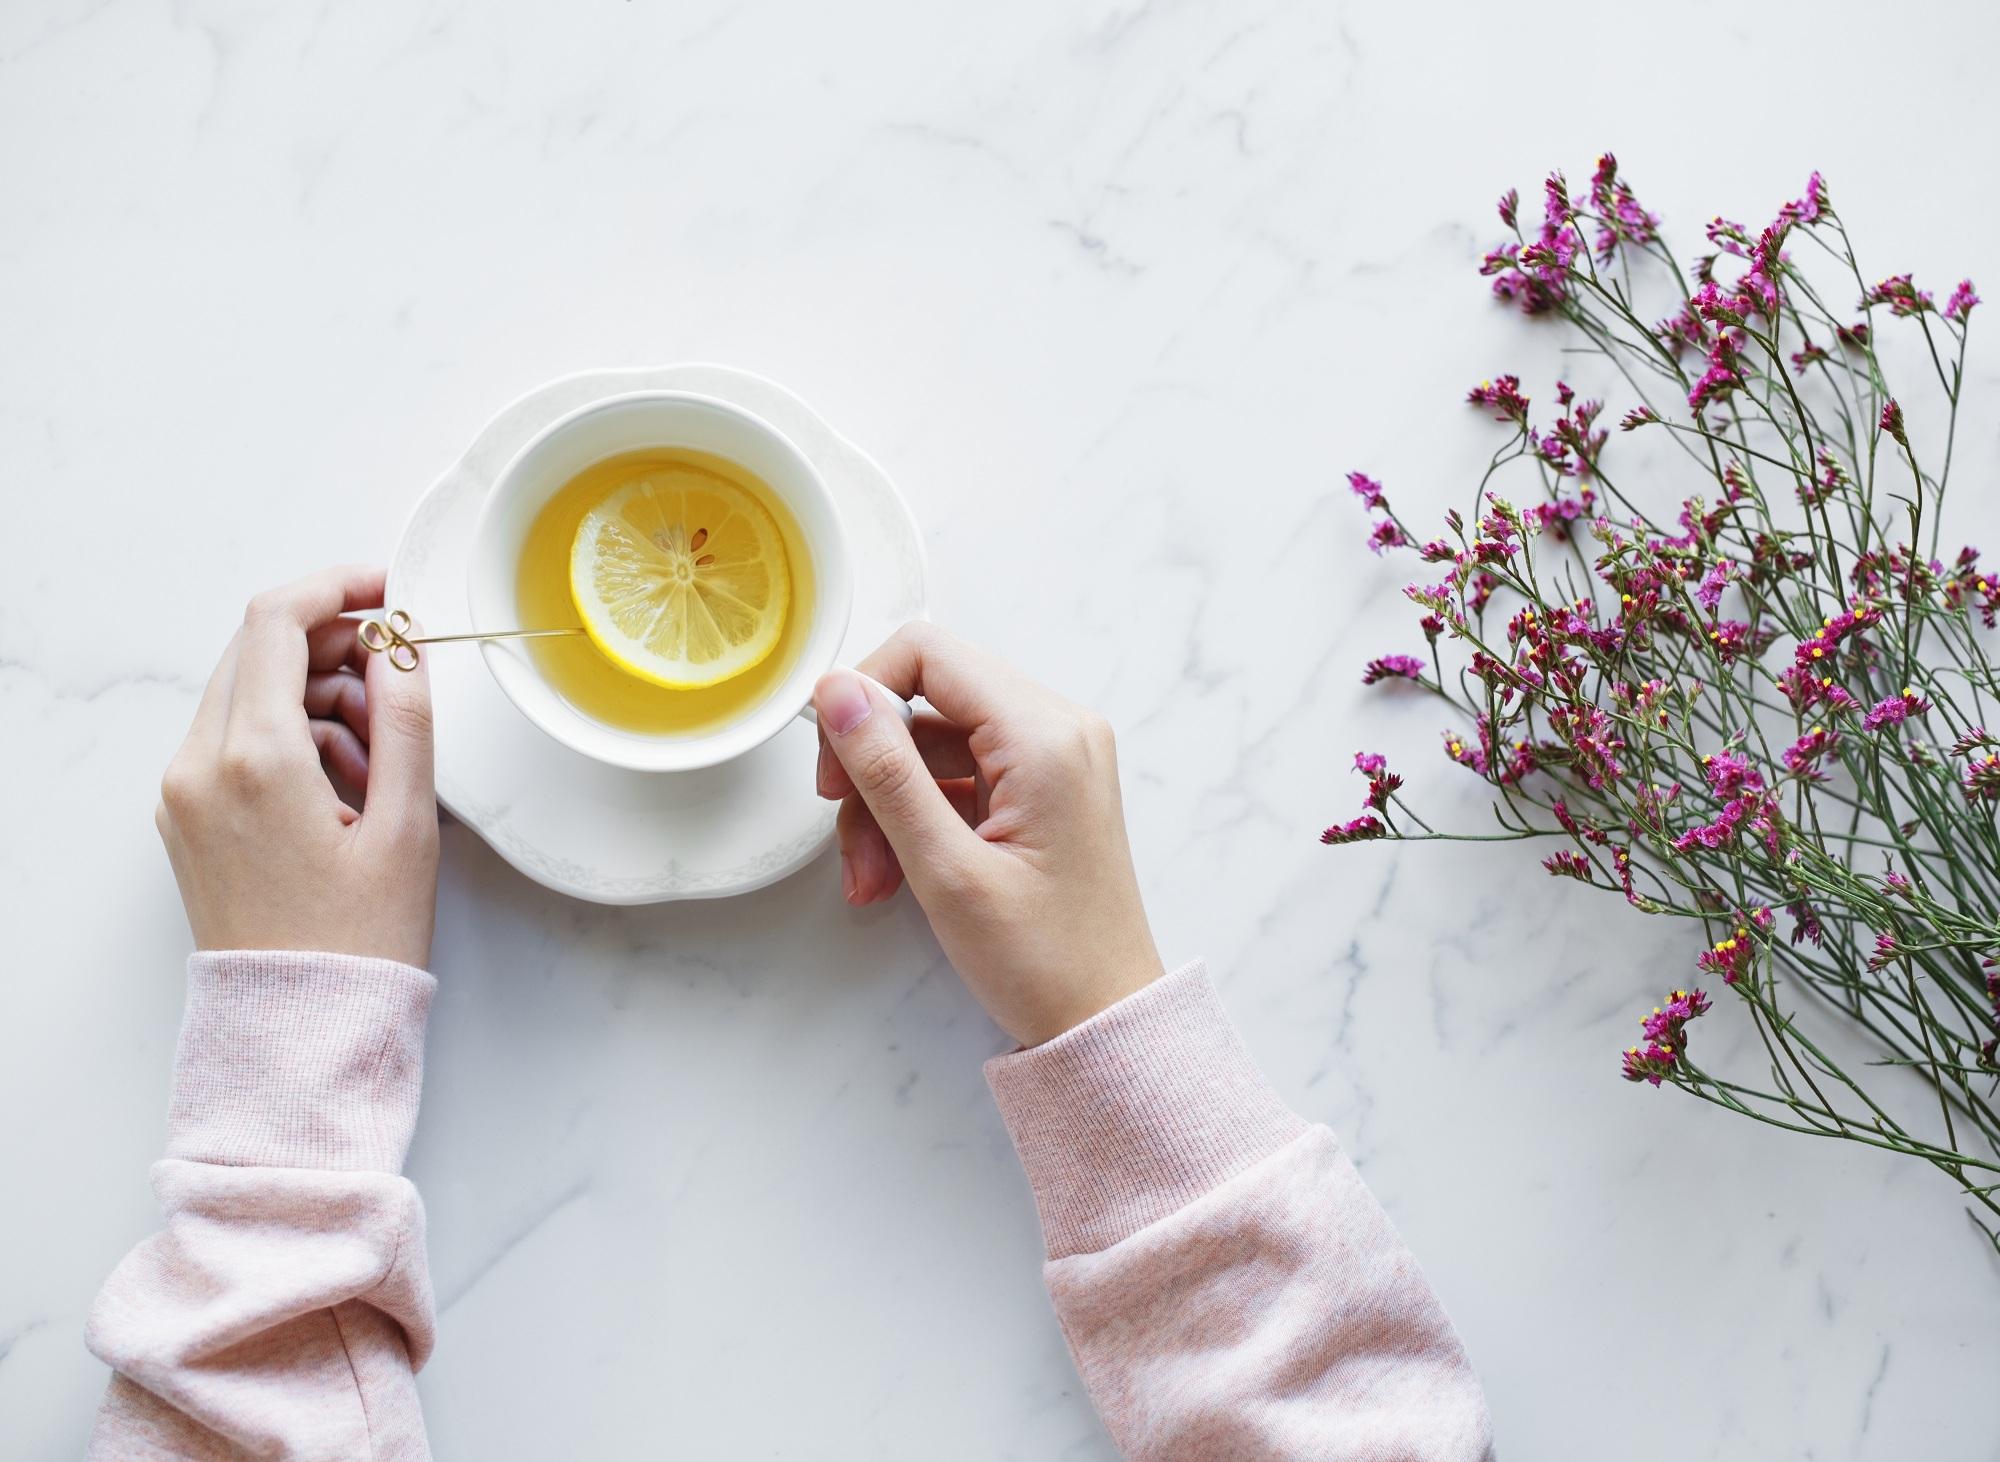 نوشیدن لیمو برای عقب انداختن قاعدگی